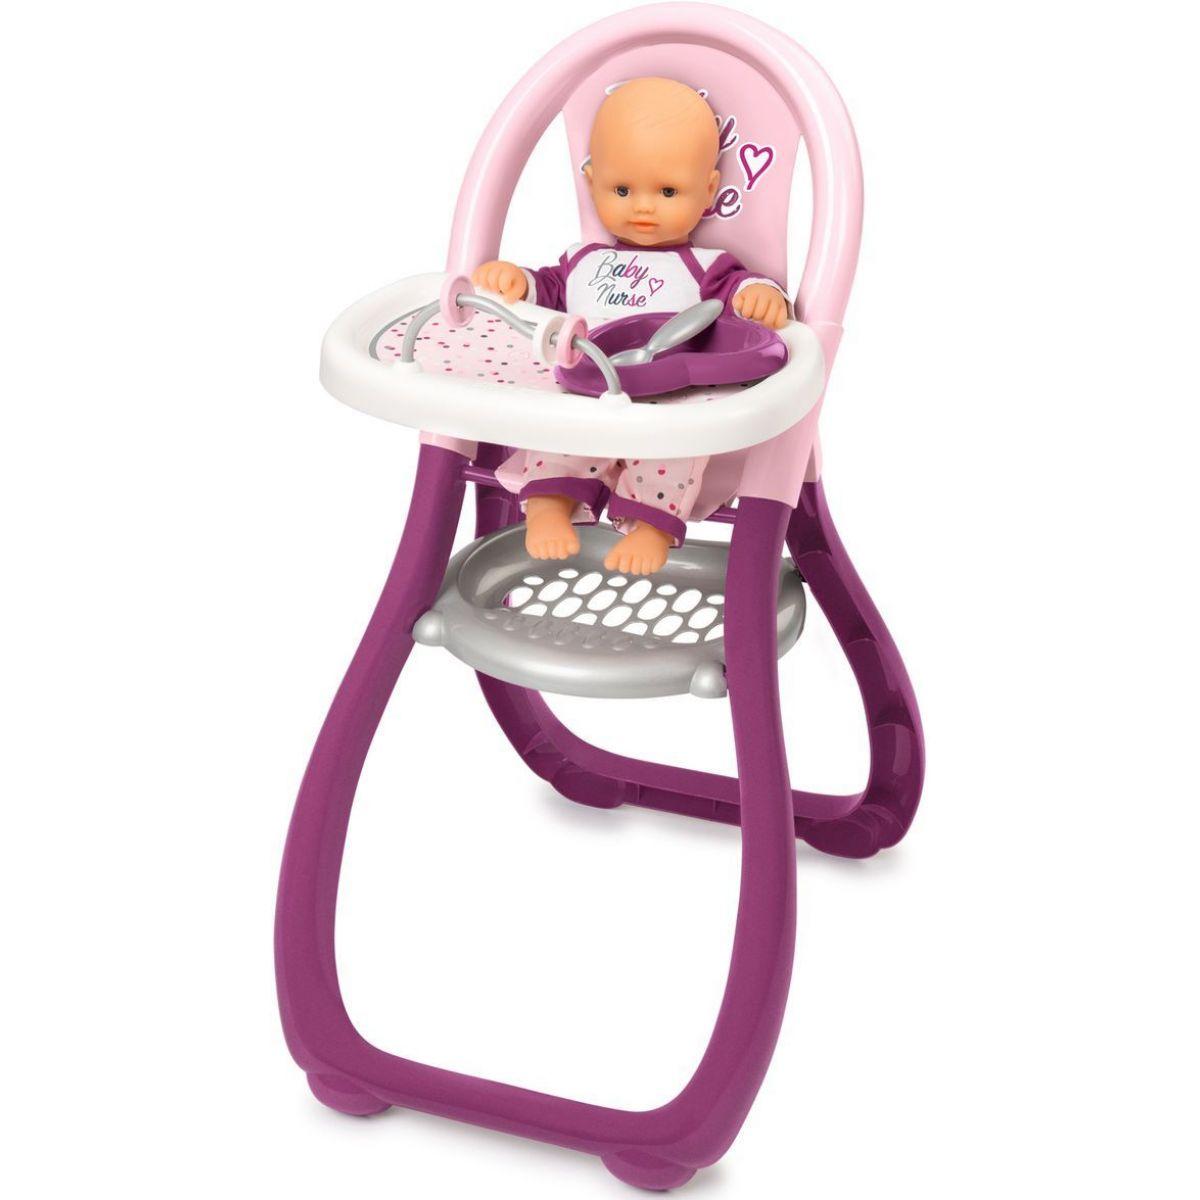 Smoby Baby Nurse jídelní židlička pro panenky